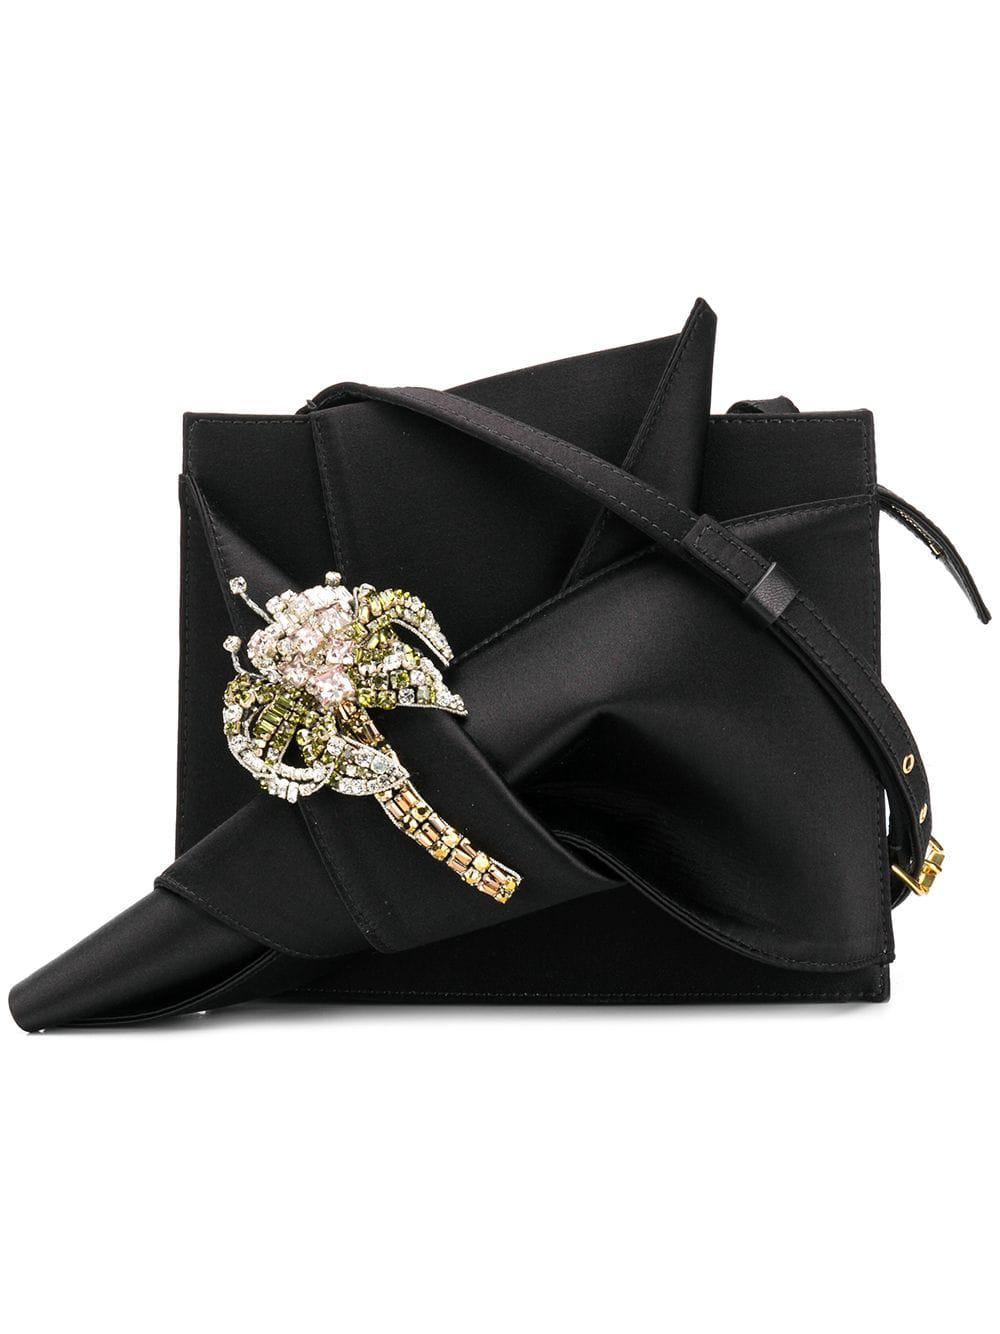 N°21 Nº21 Knot Detail Shoulder Bag - Black